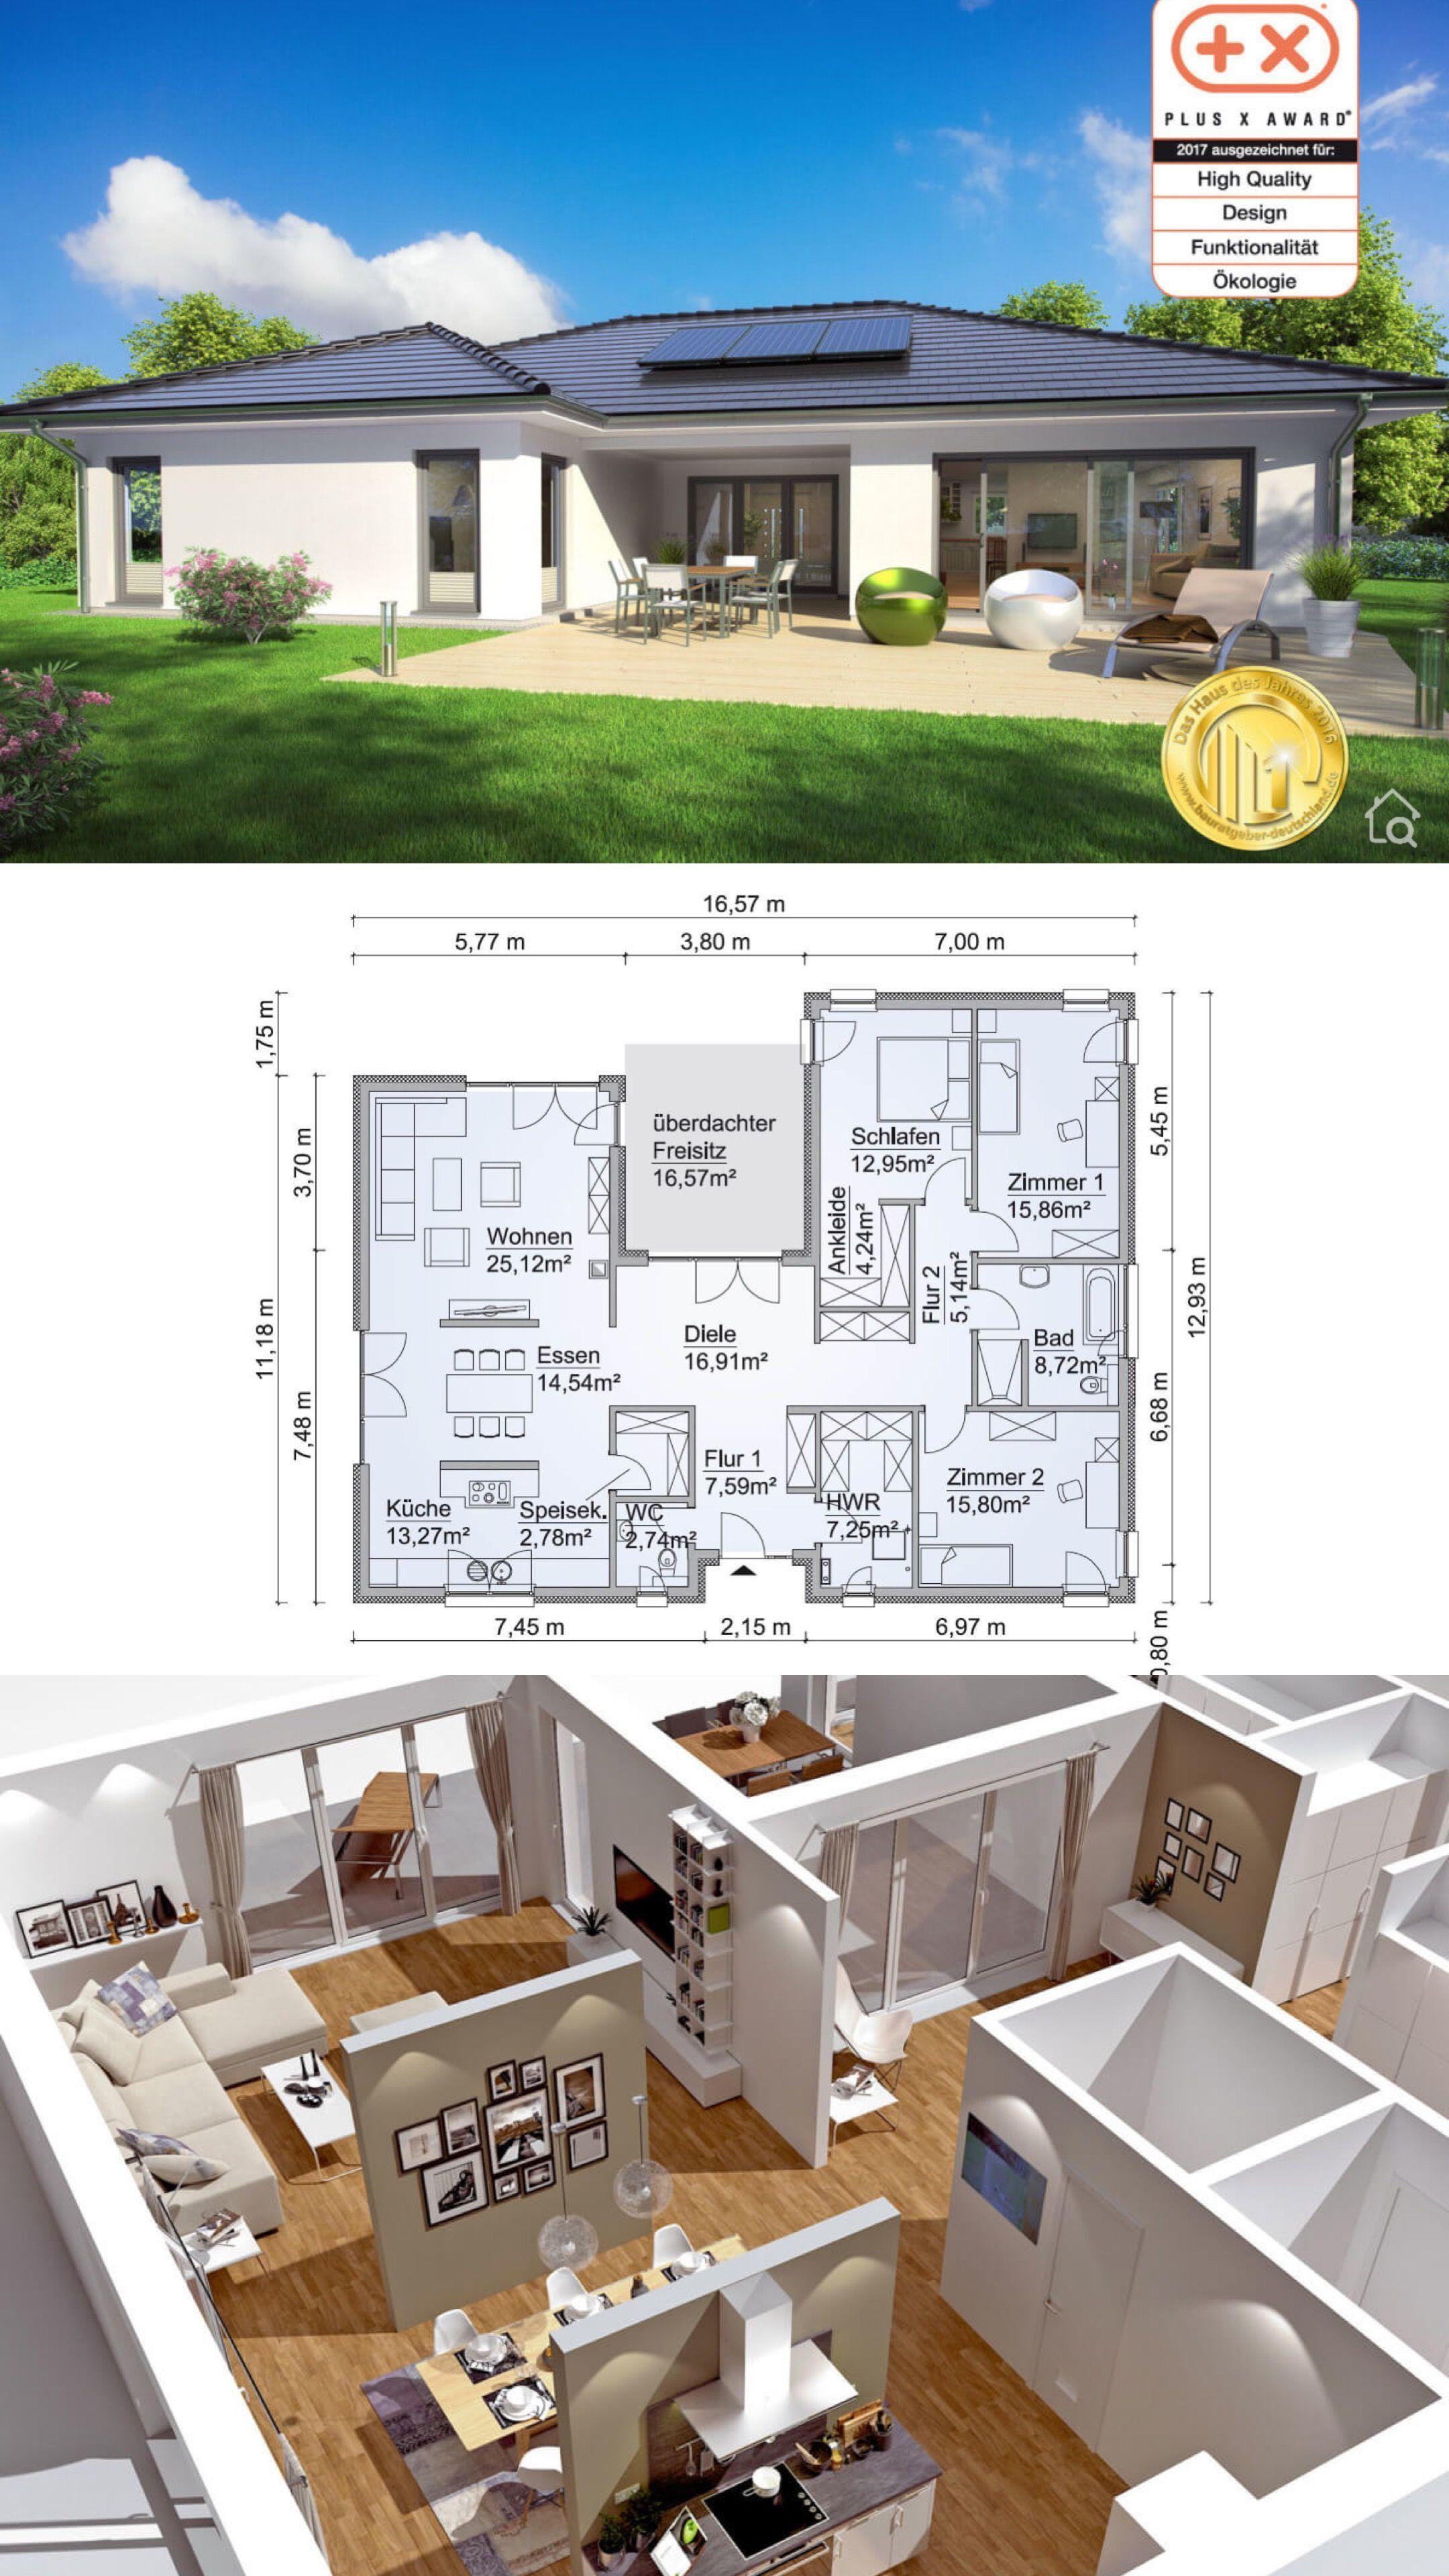 Bungalow House Floor Plans With One Level 3 Bedroom Open Concept In U Shaped Modern Contemporary Poetazhnye Plany Domov Plany Nebolshih Domov Proekty Nebolshih Domov